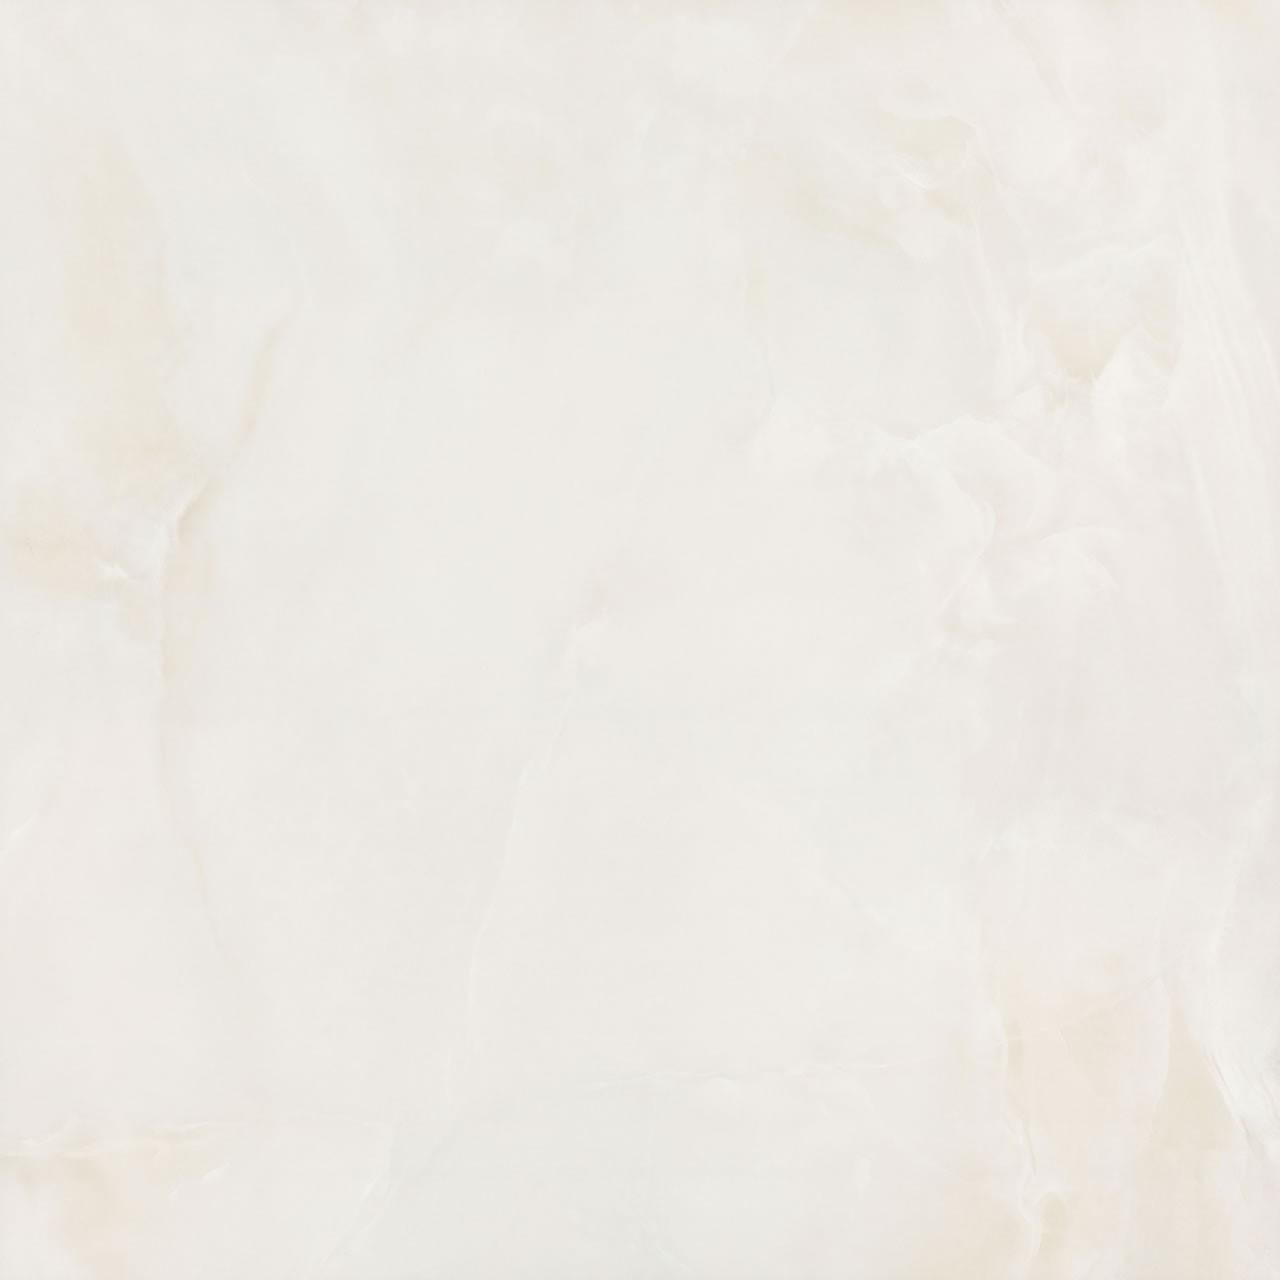 Porcelanato Onix Cristalle Bege 120x120 cm Esmaltado Marmorizado 288m - Eliane